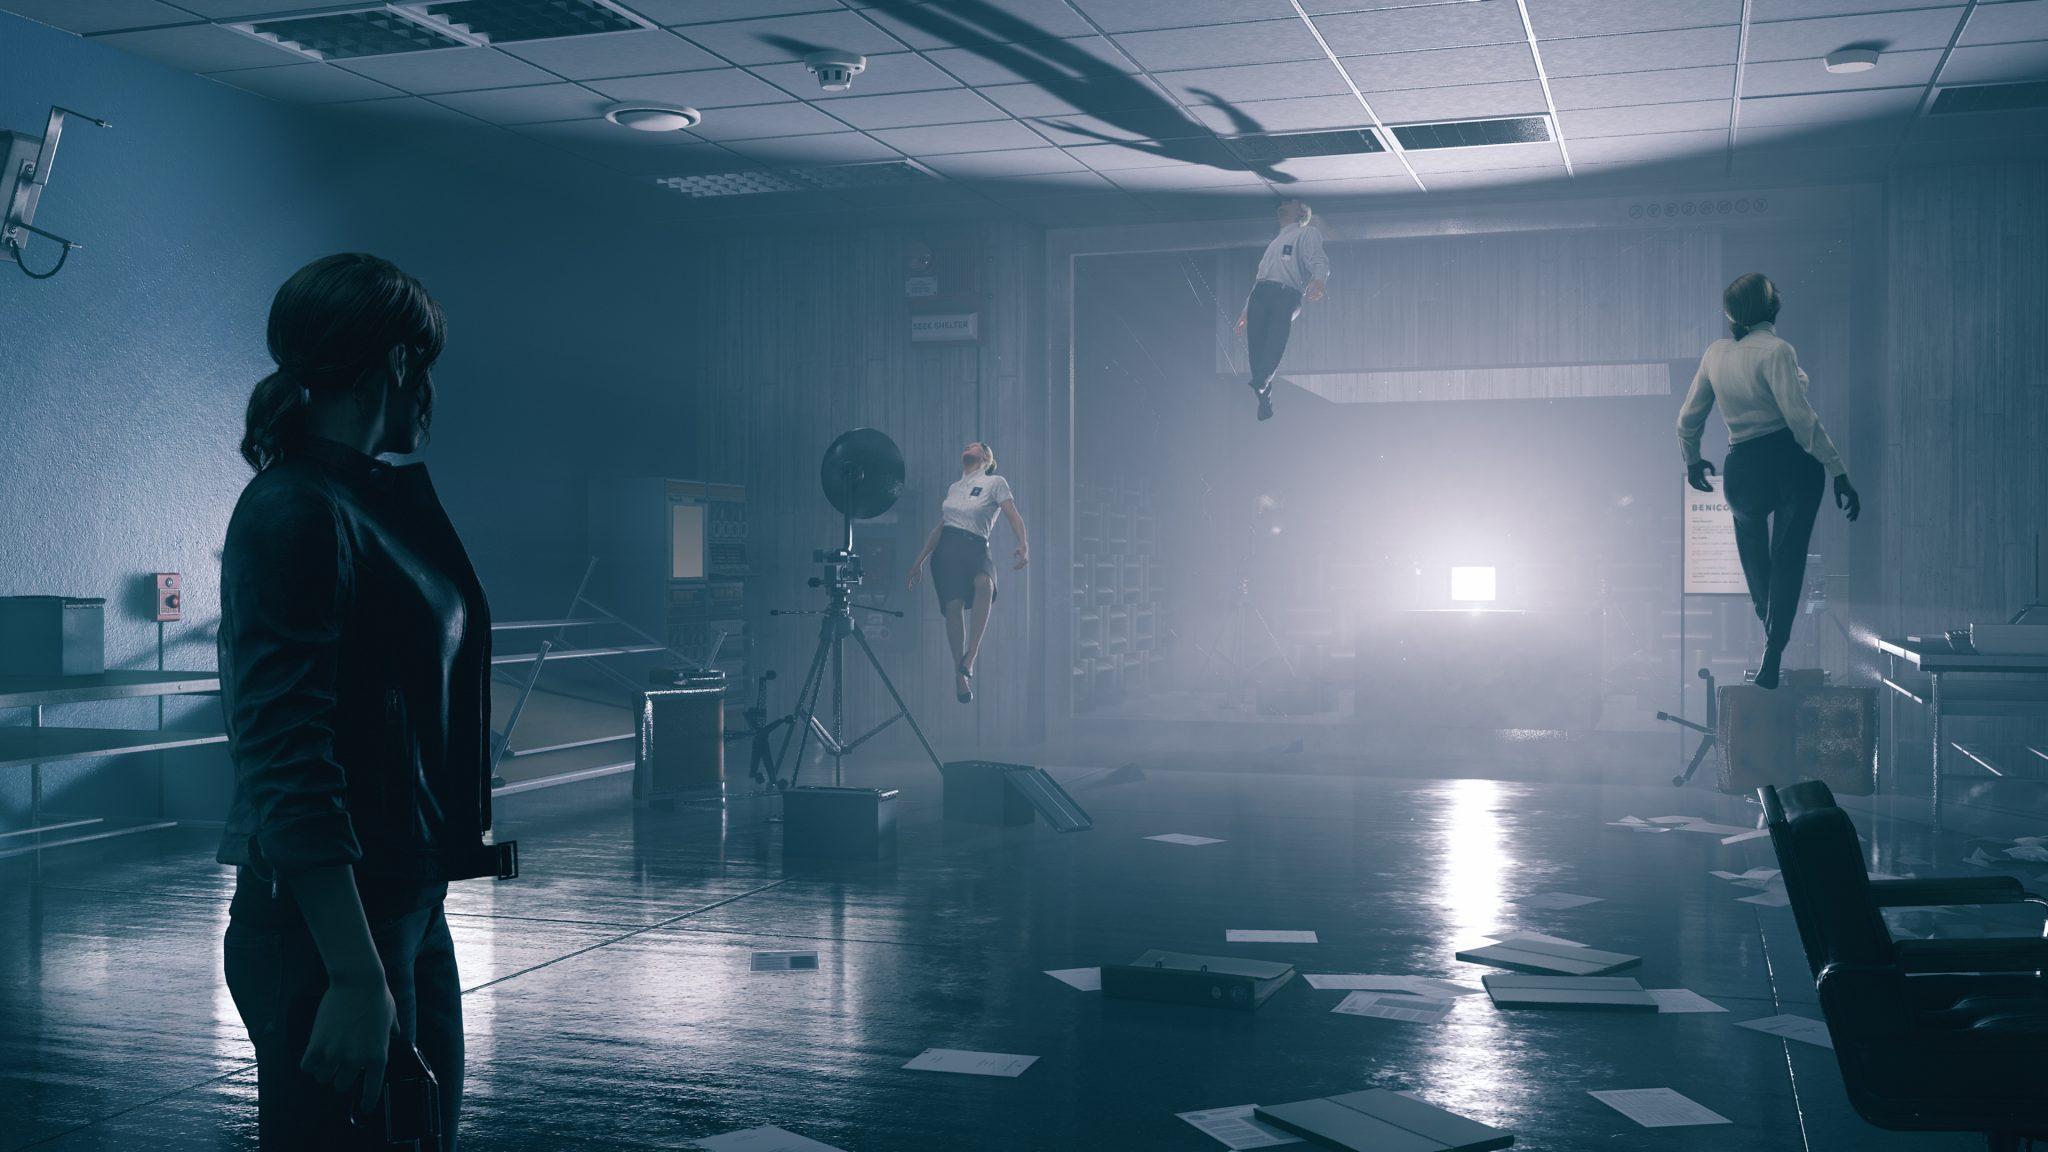 رمدی اولین تصاویر رسمی از Control را منتشر کرد